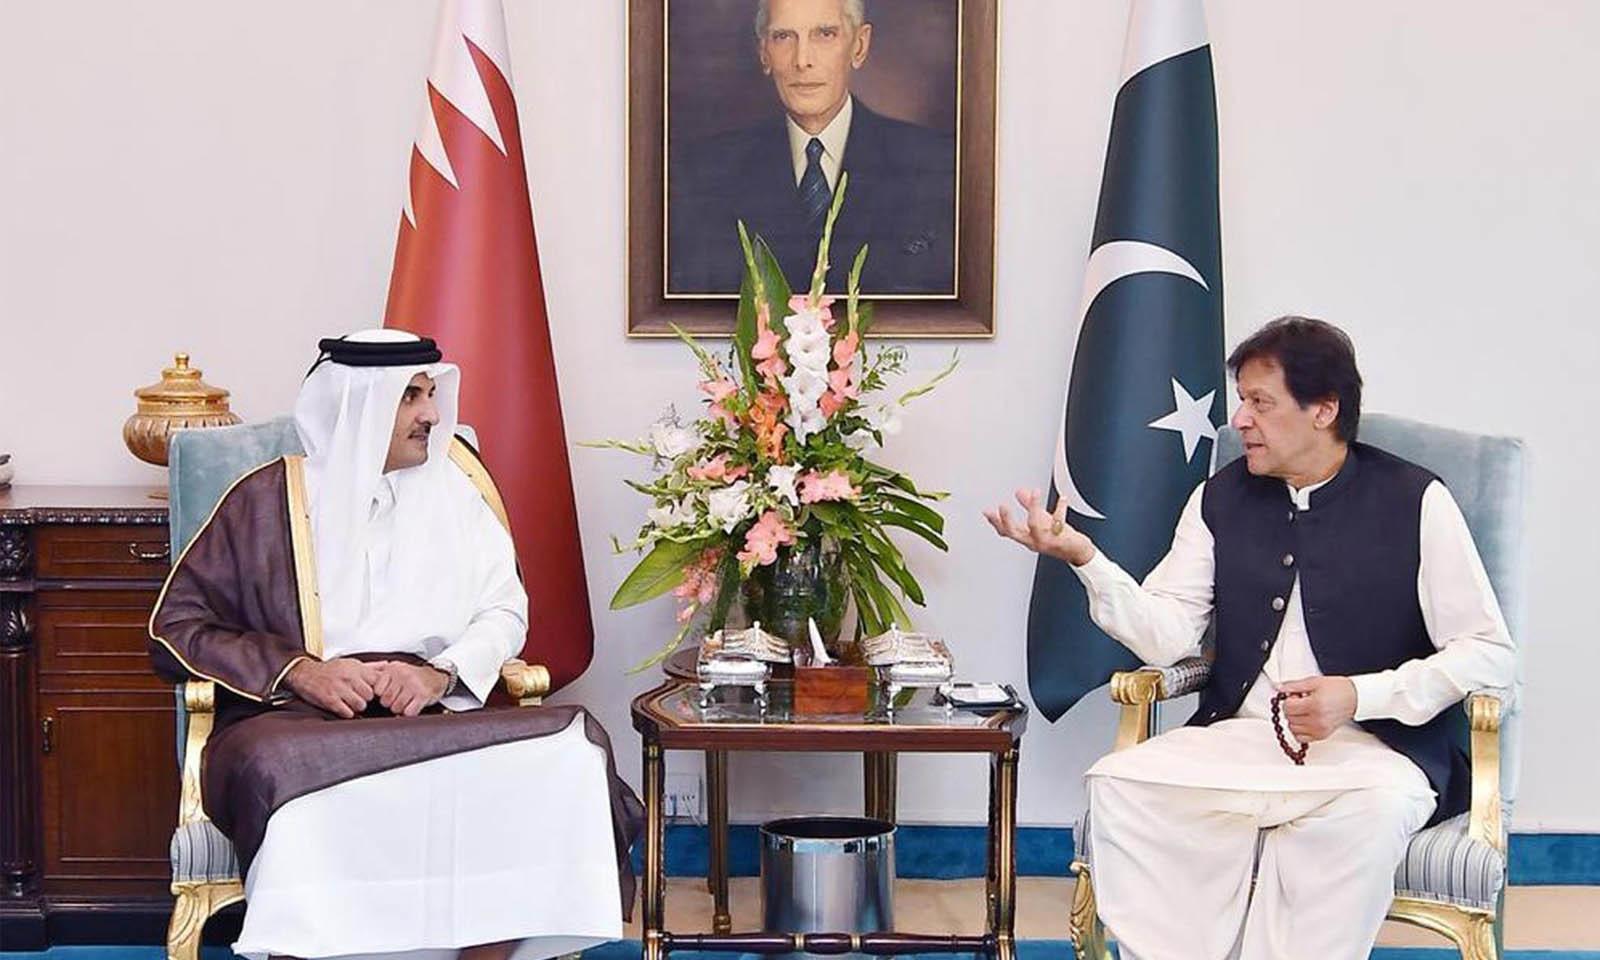 دونوں ممالک کی اعلیٰ قیادت کے درمیان ہونے والی ملاقات میں دو طرفہ تعلقات اور قطر کے امیر شیخ تمیم بن حمد الثانی کے دورہ پاکستان کے حوالے سے تبادلہ خیال کیا گیا — فوٹو: ریڈیو پاکستان